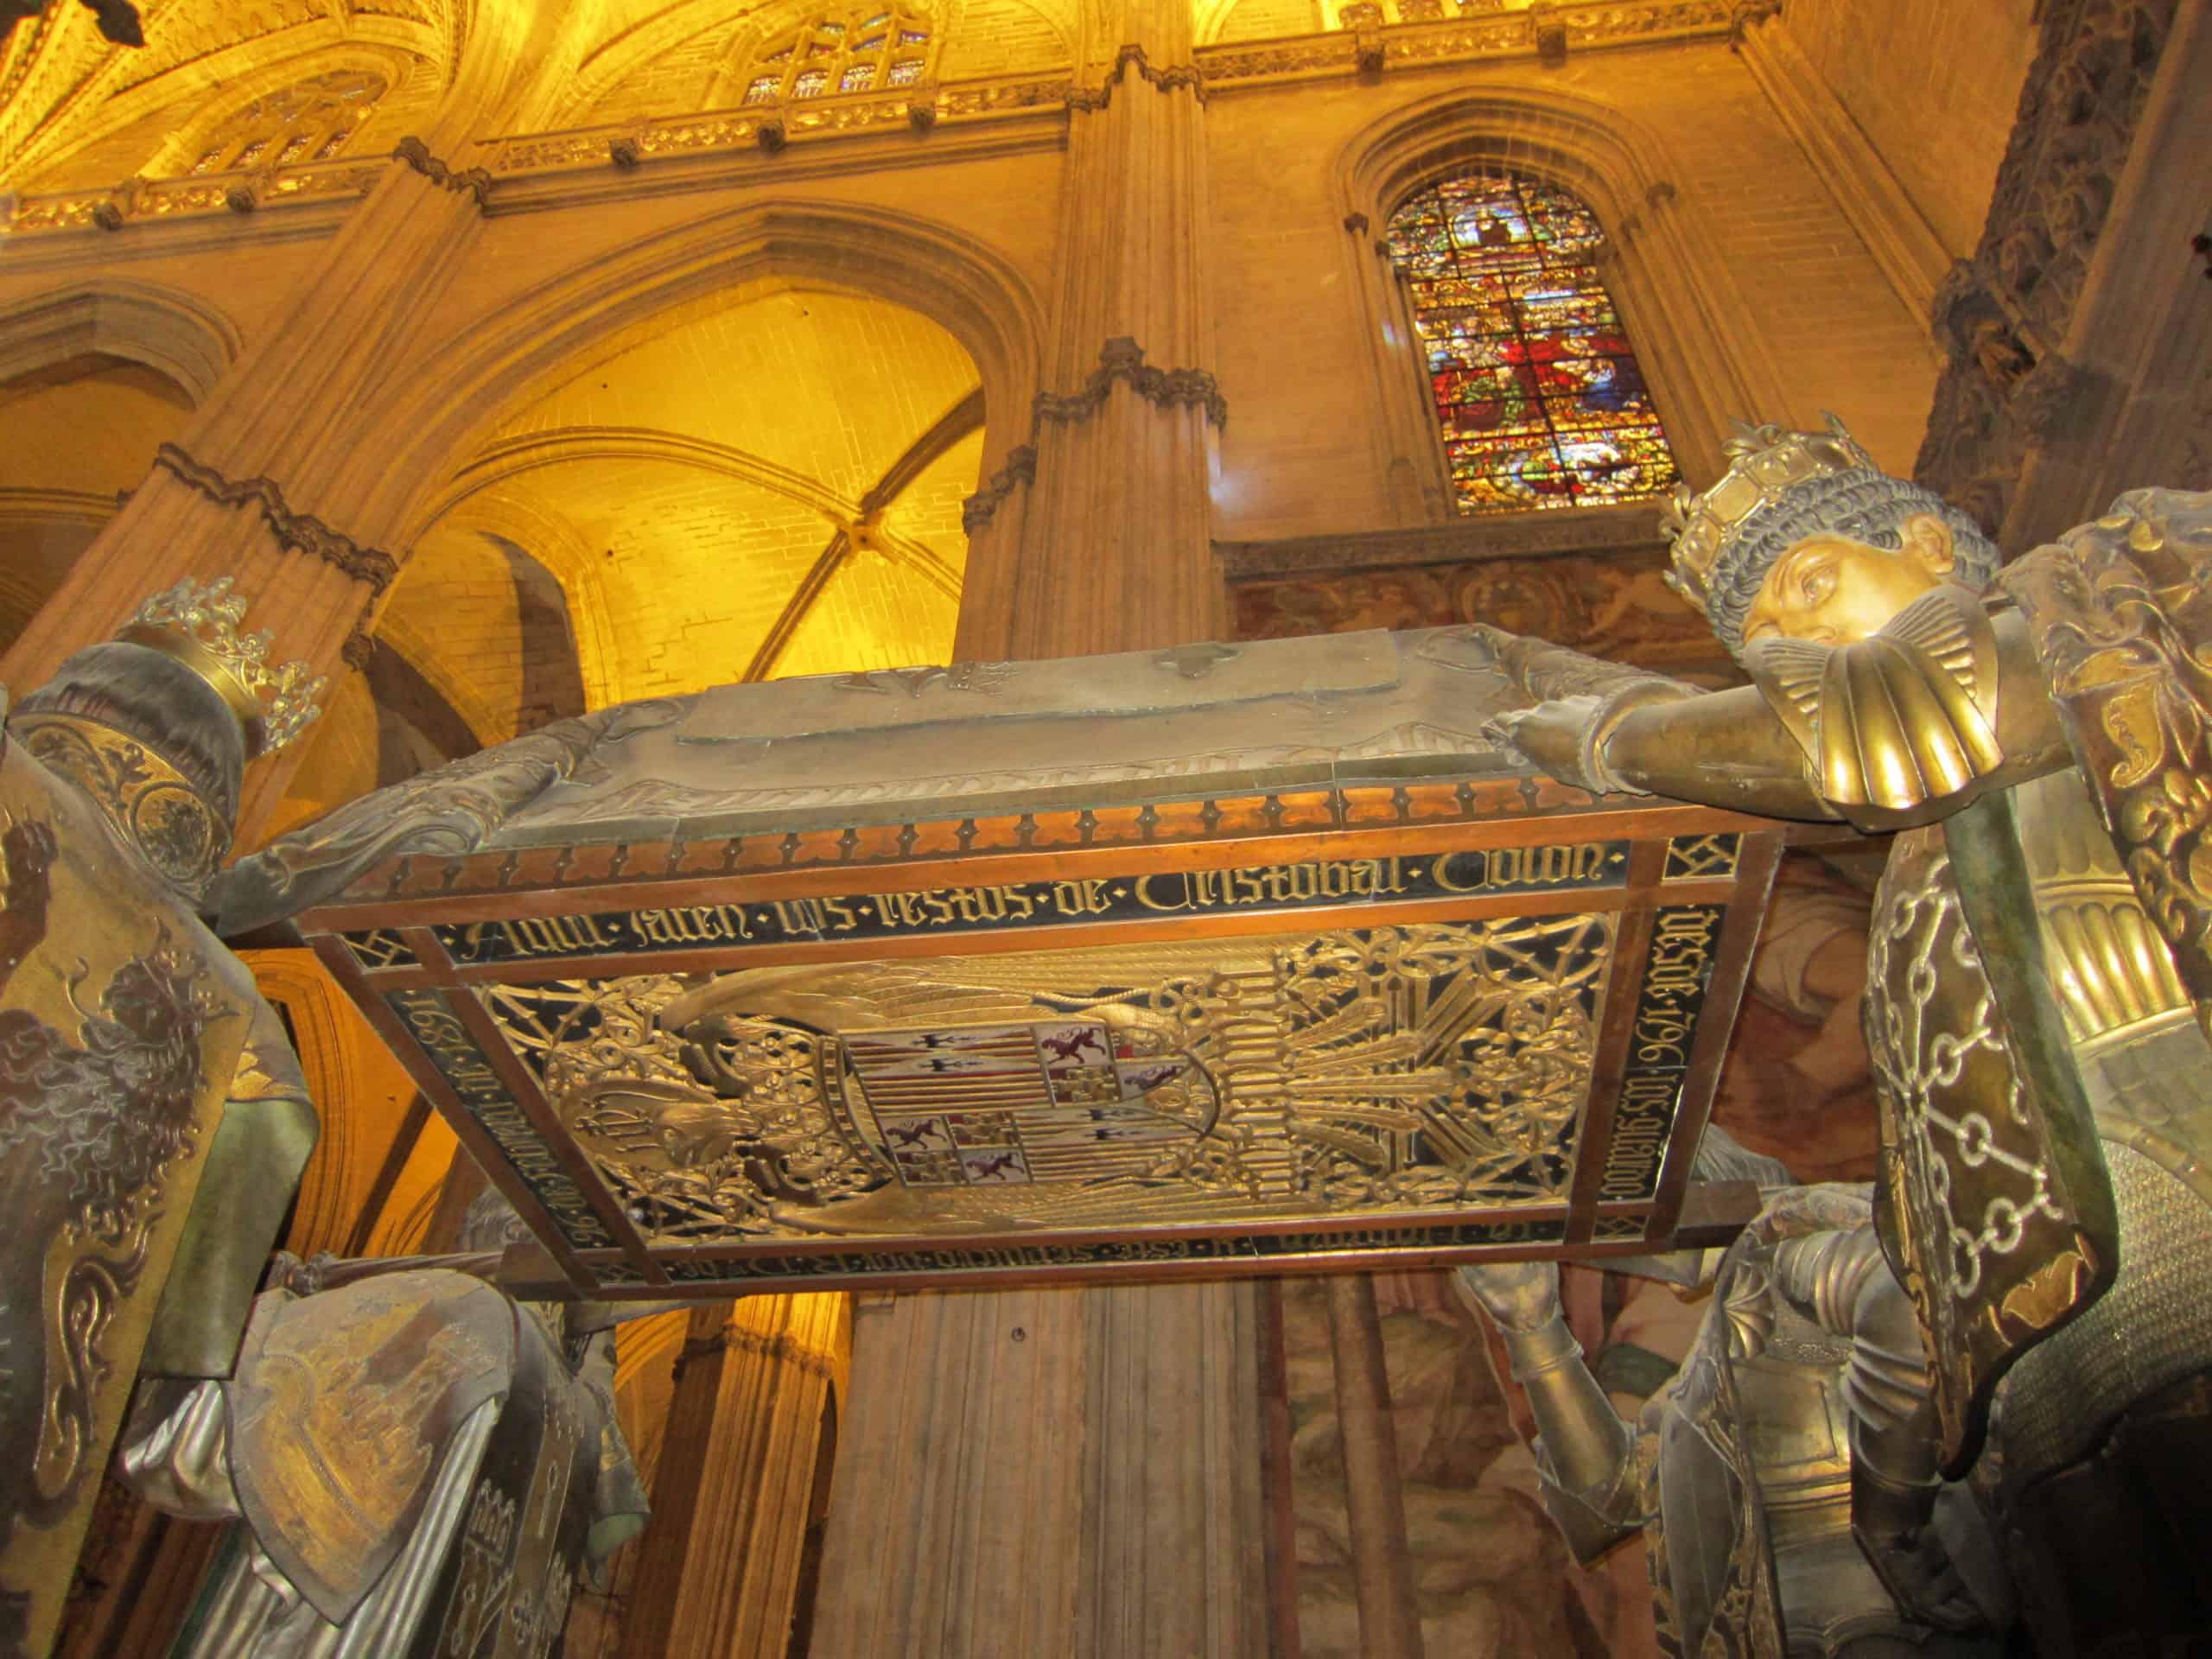 Vista inferior do túmulo de Cristóvão Colombo.